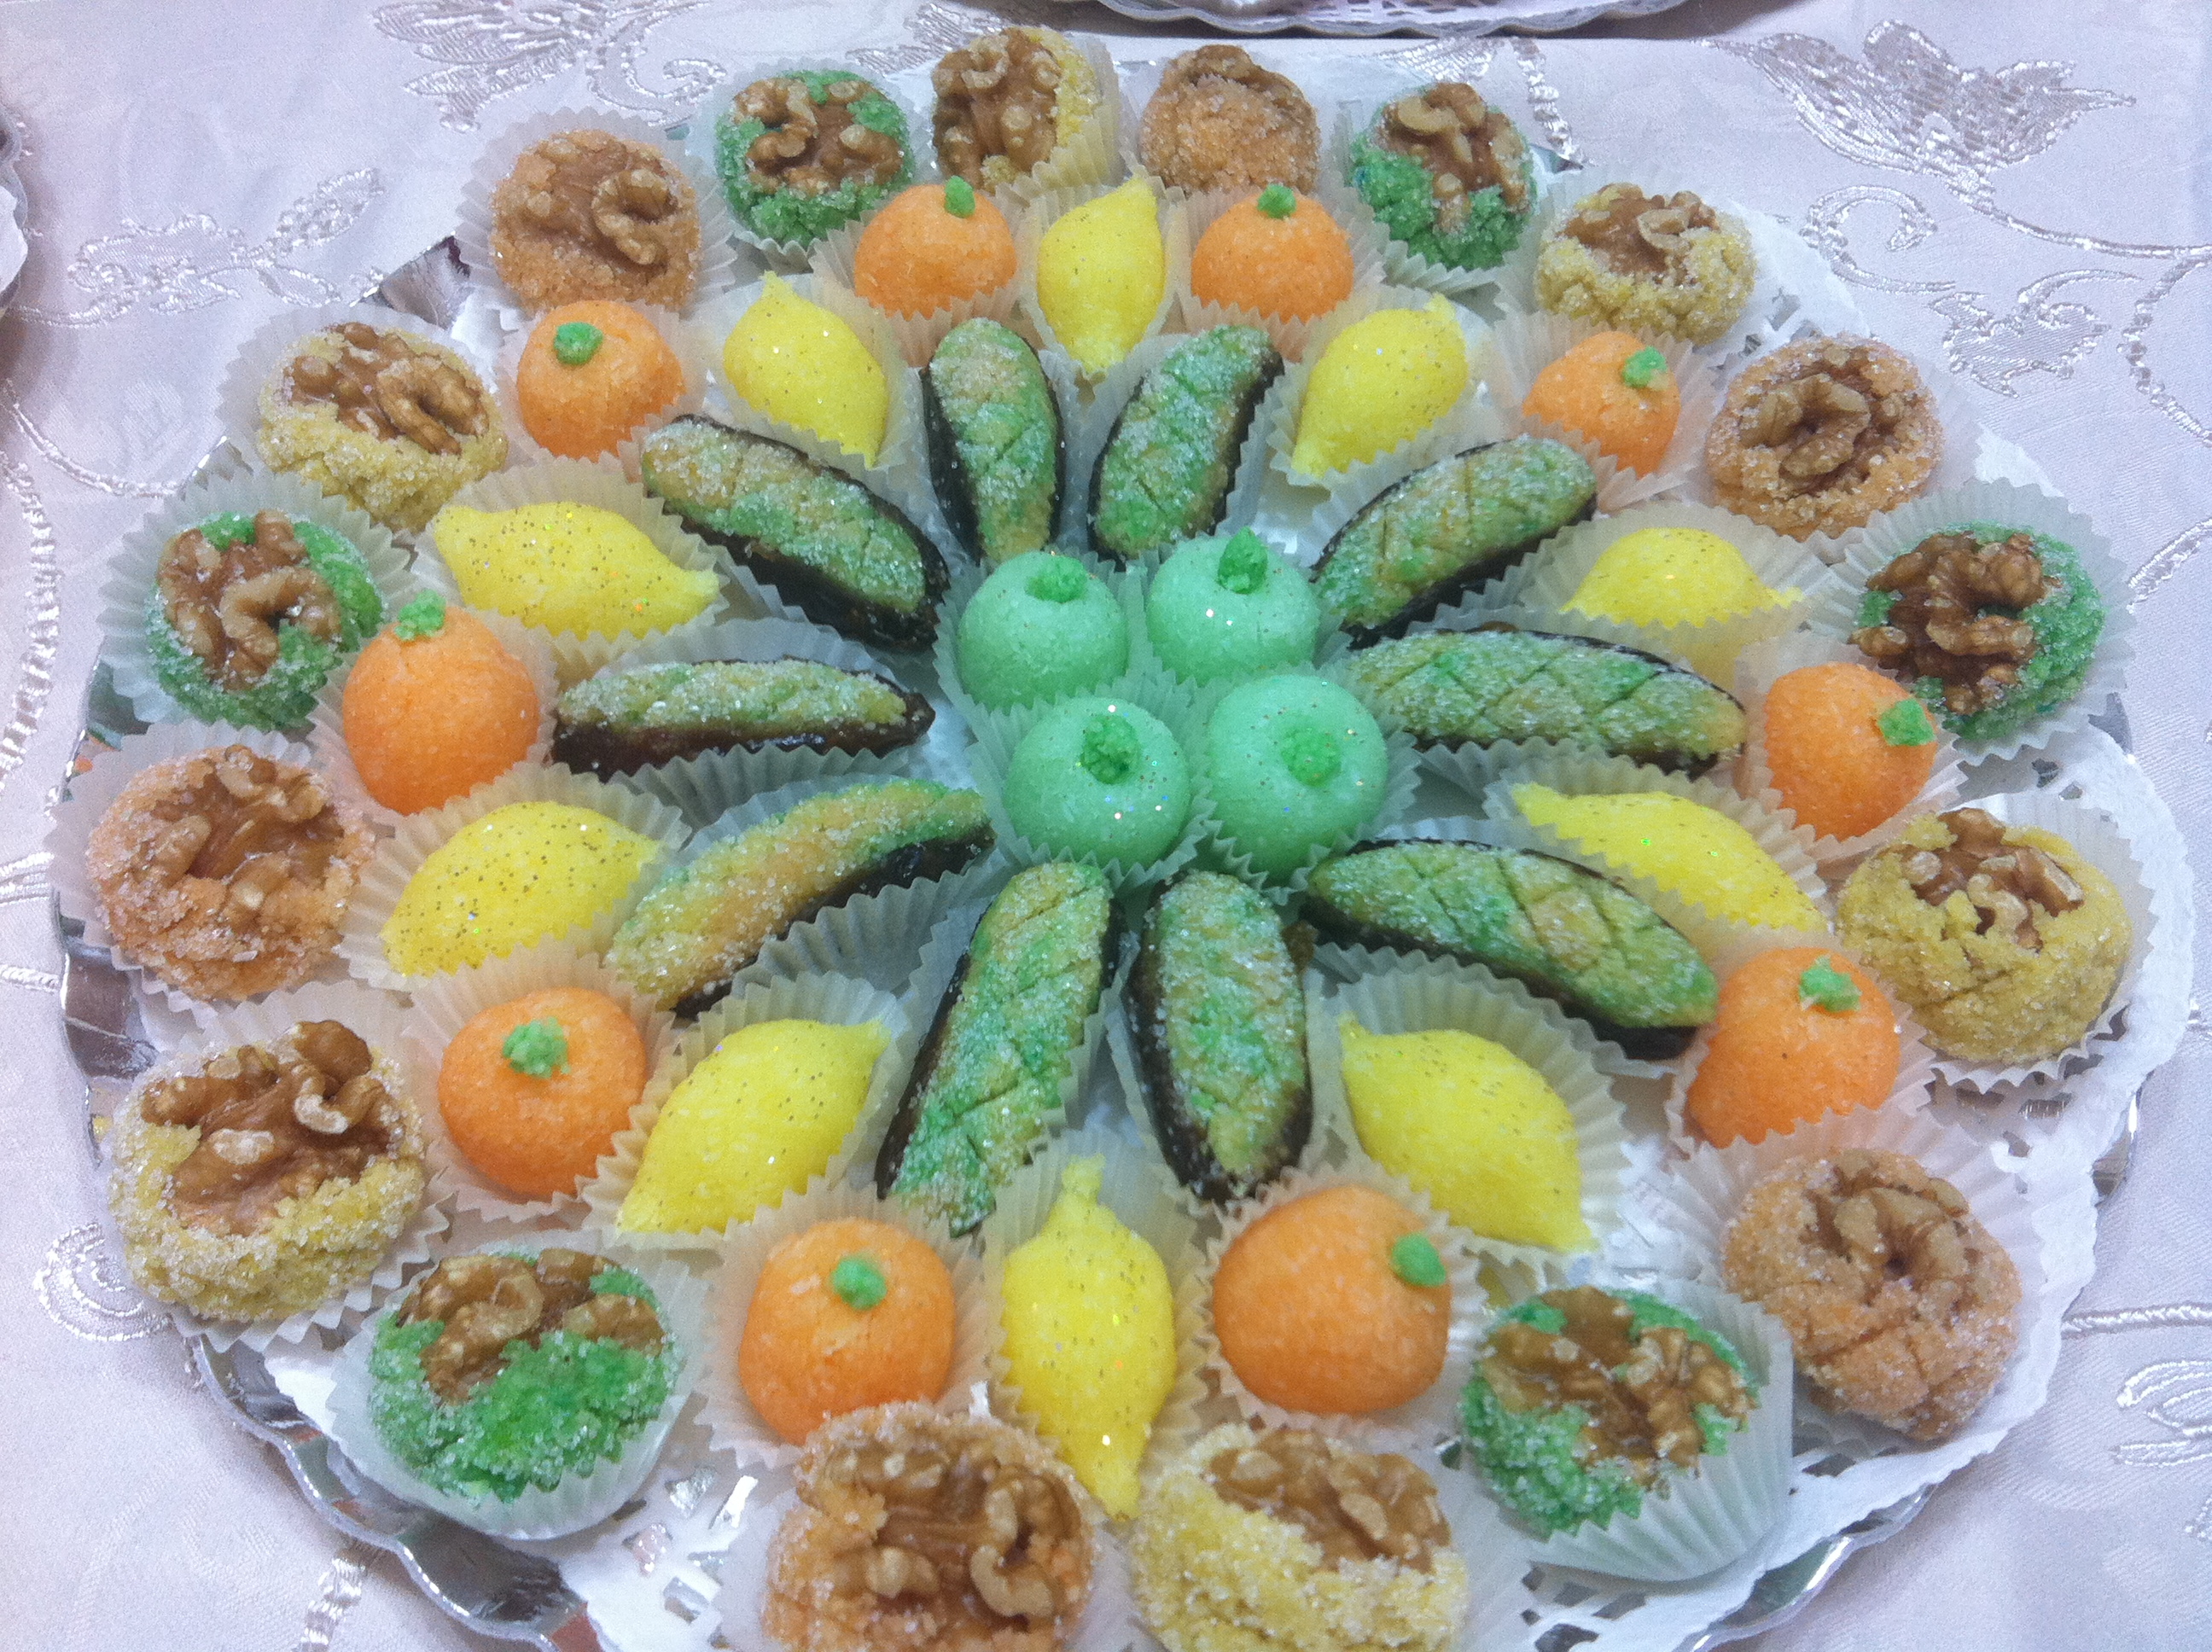 עוגיות מרוקאיות מסורתיות